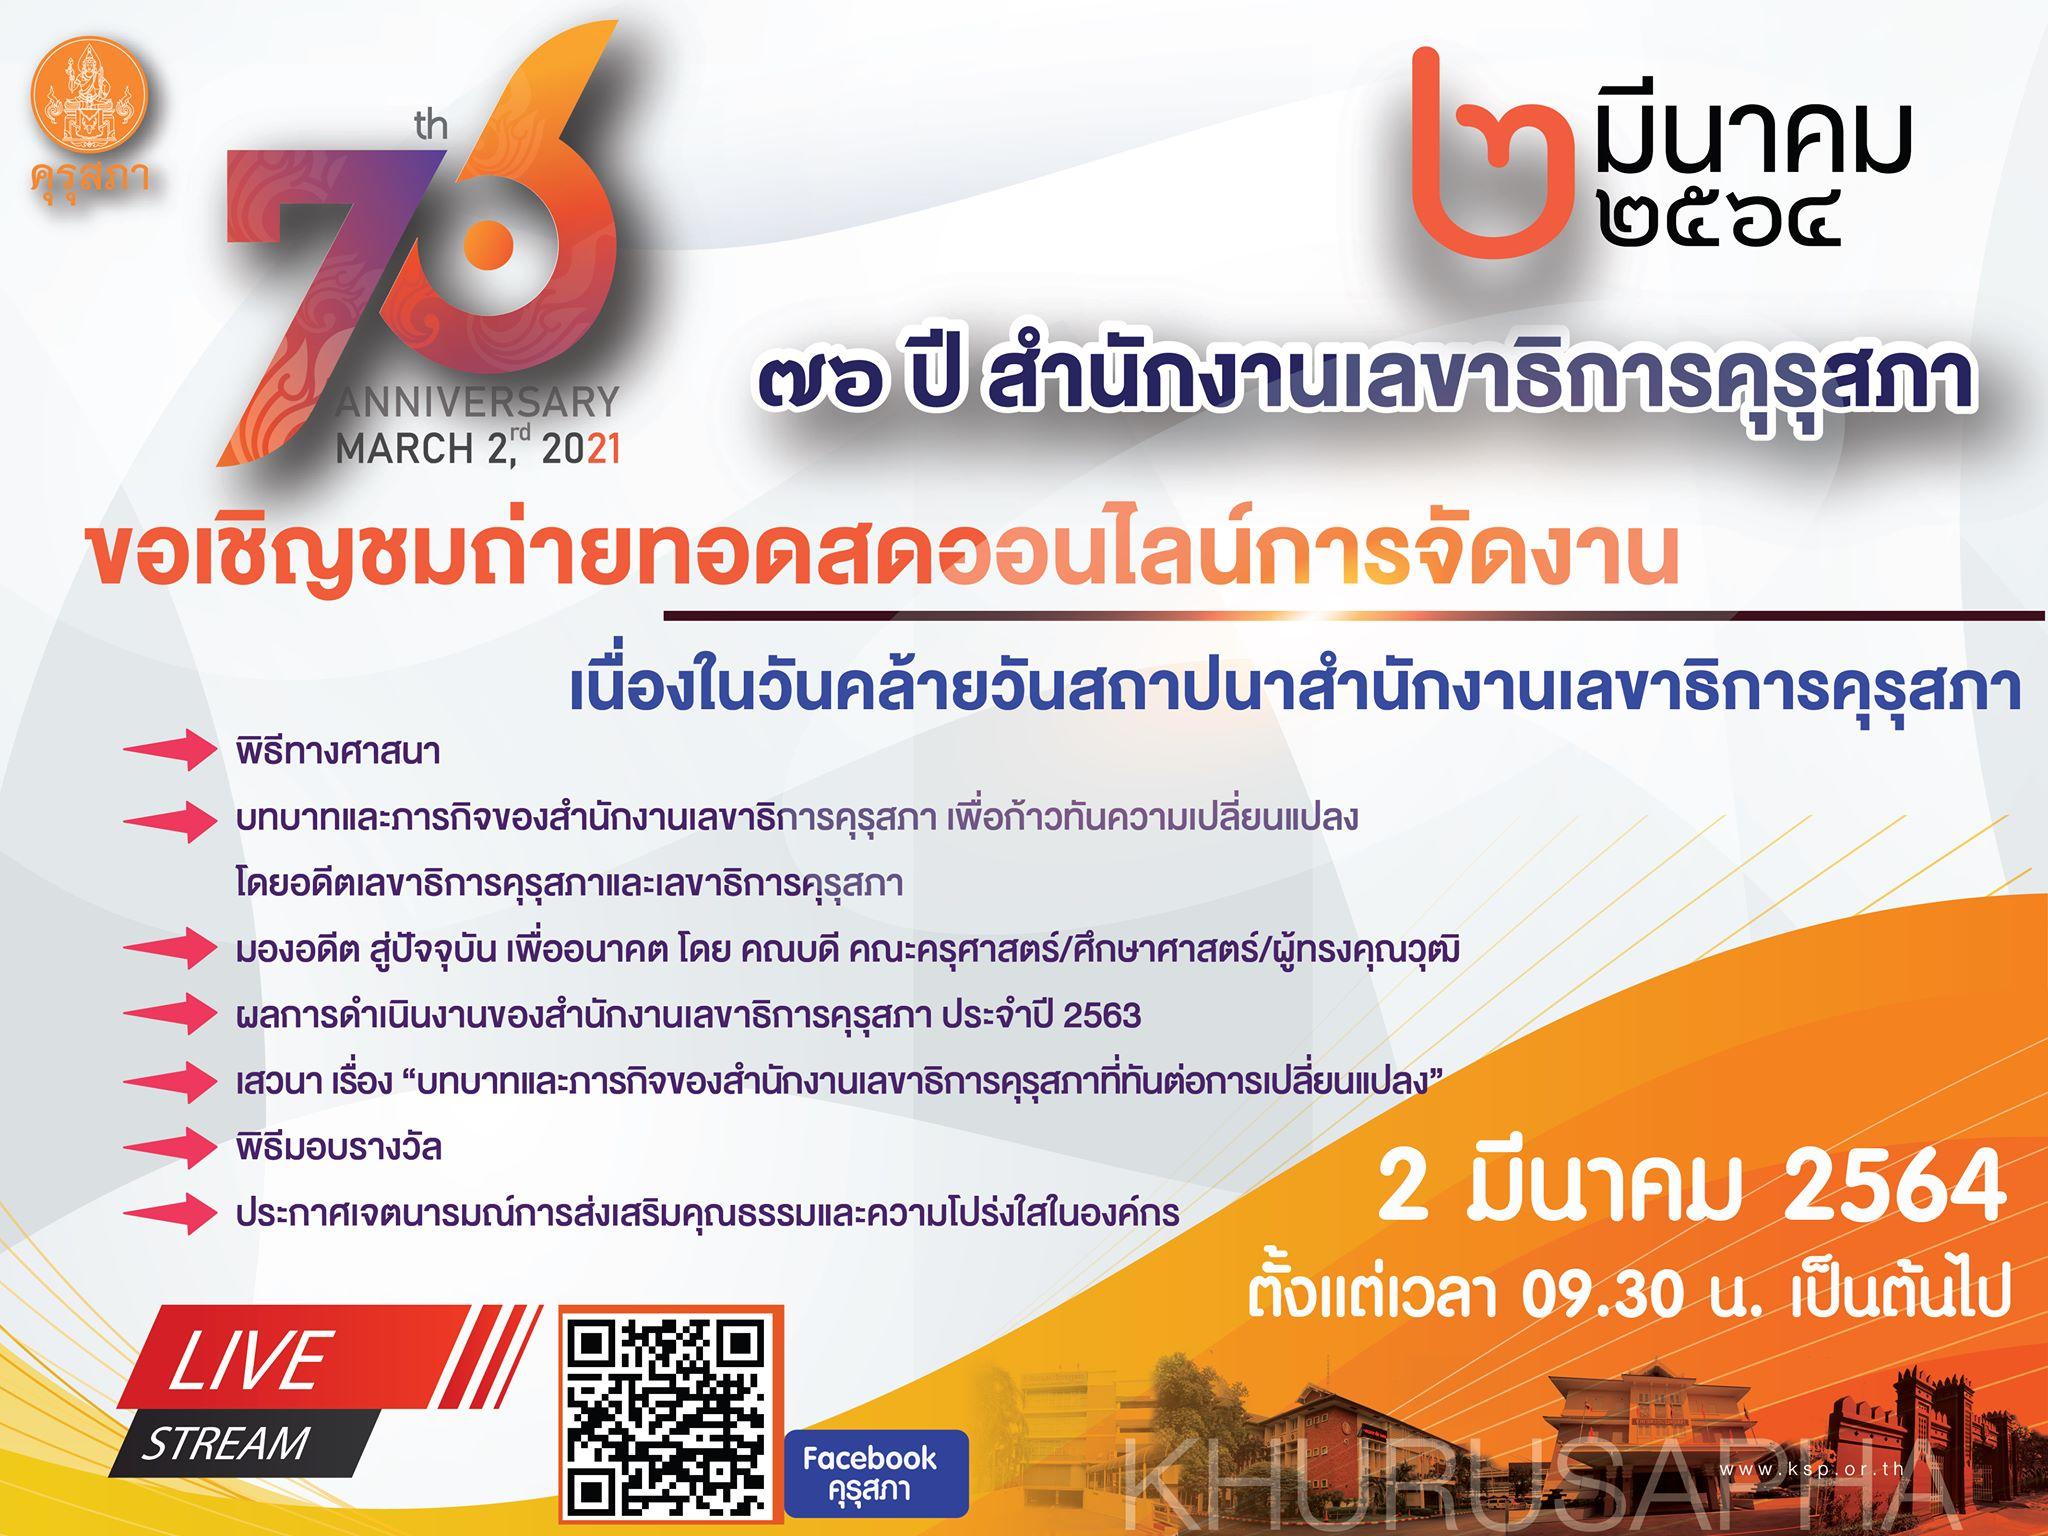 """คุรุสภา ขอเชิญชมถ่ายทอดสด การจัดงานเนื่องในโอกาสวันคล้ายวันสถาปนาสำนักงานเลขาธิการคุรุสภา วันที่ 2 มีนาคม 2564 ทาง Facebook """"คุรุสภา"""""""